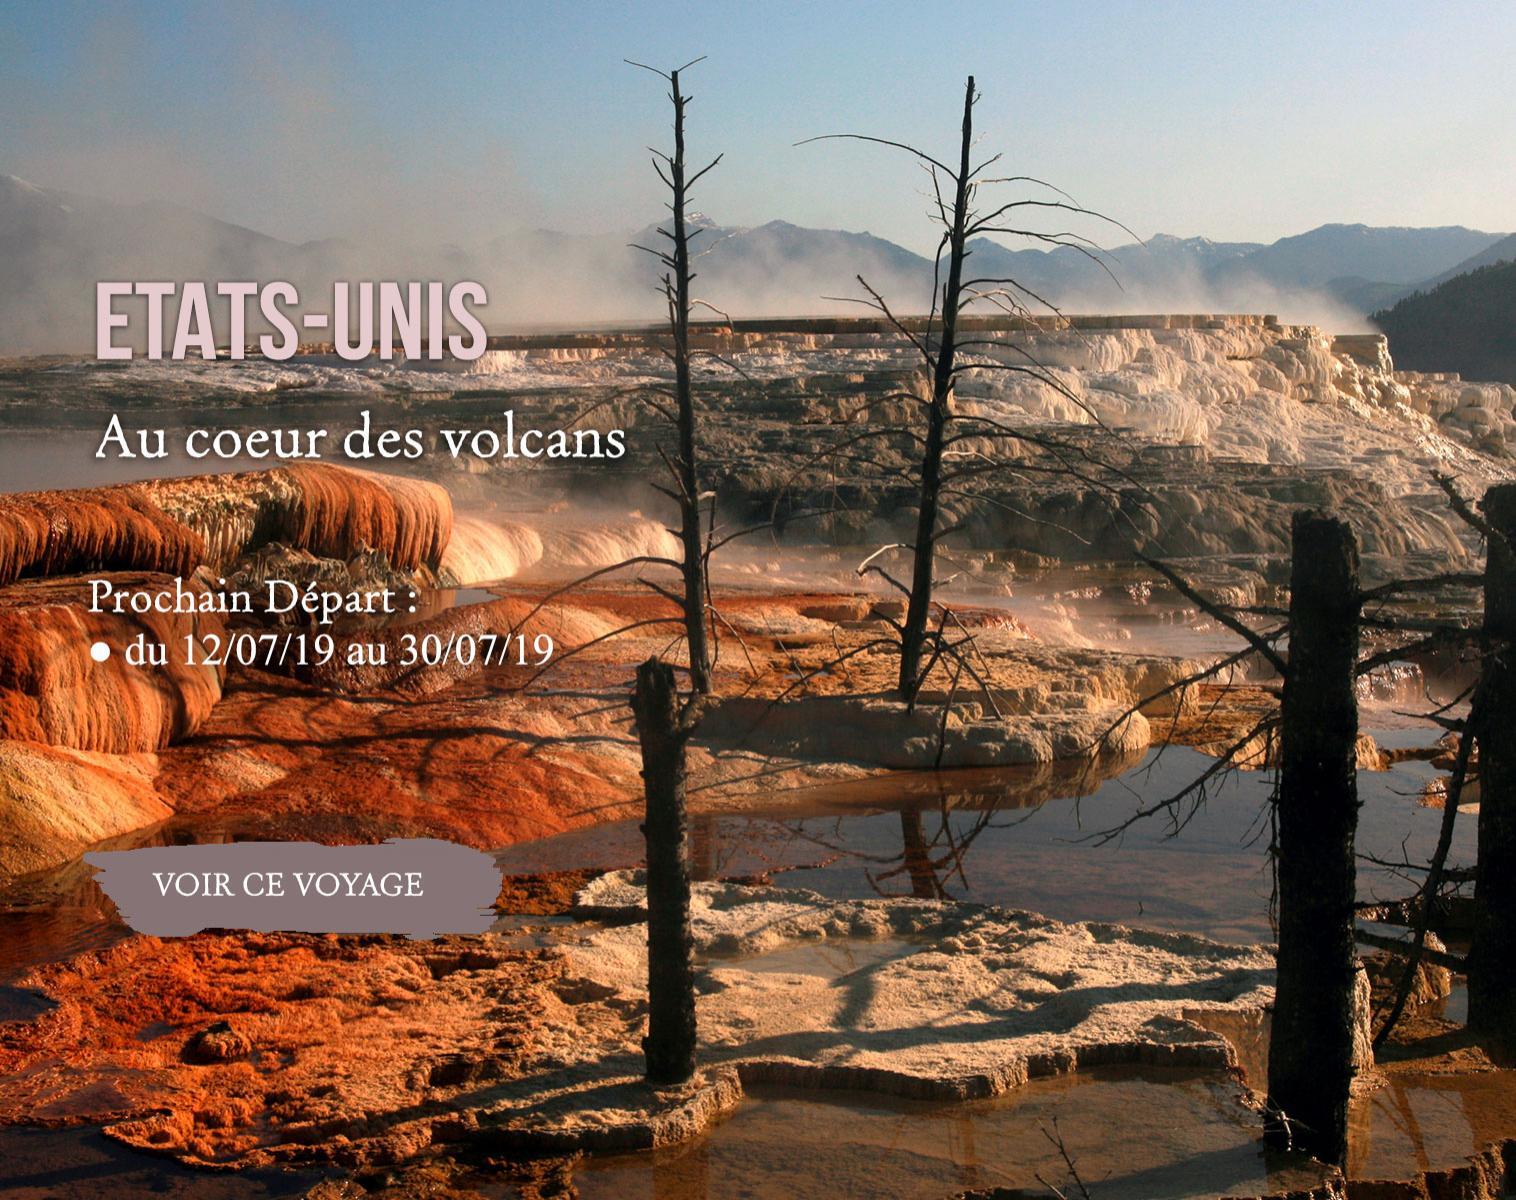 USA, Aux coeur des volcans